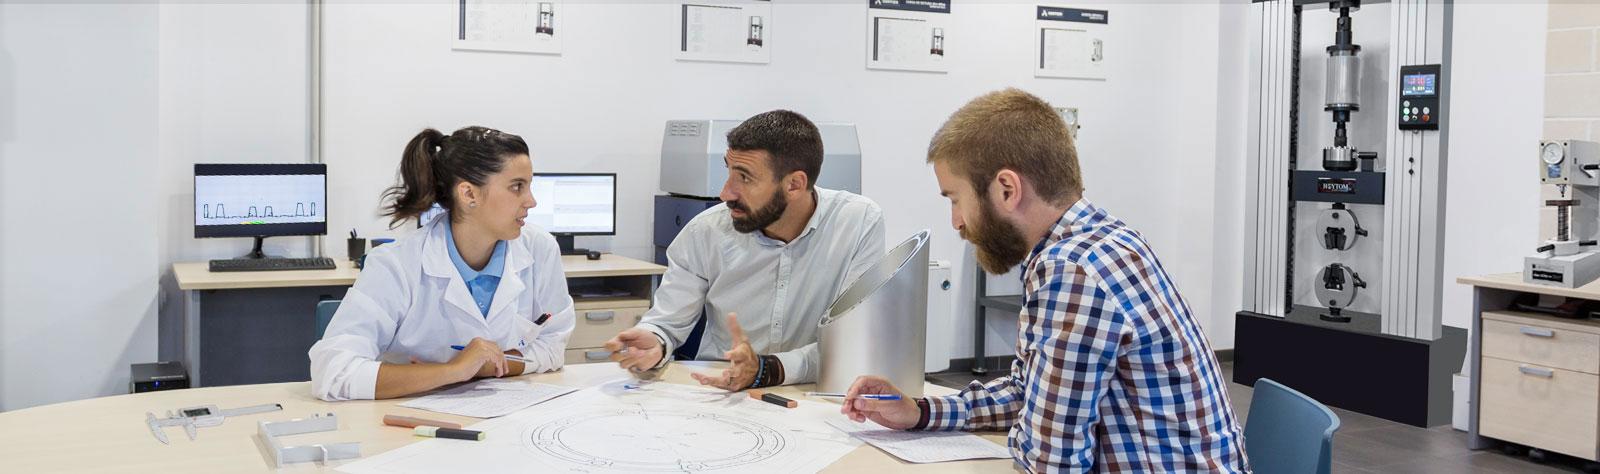 Inženýrství & průmyslový design